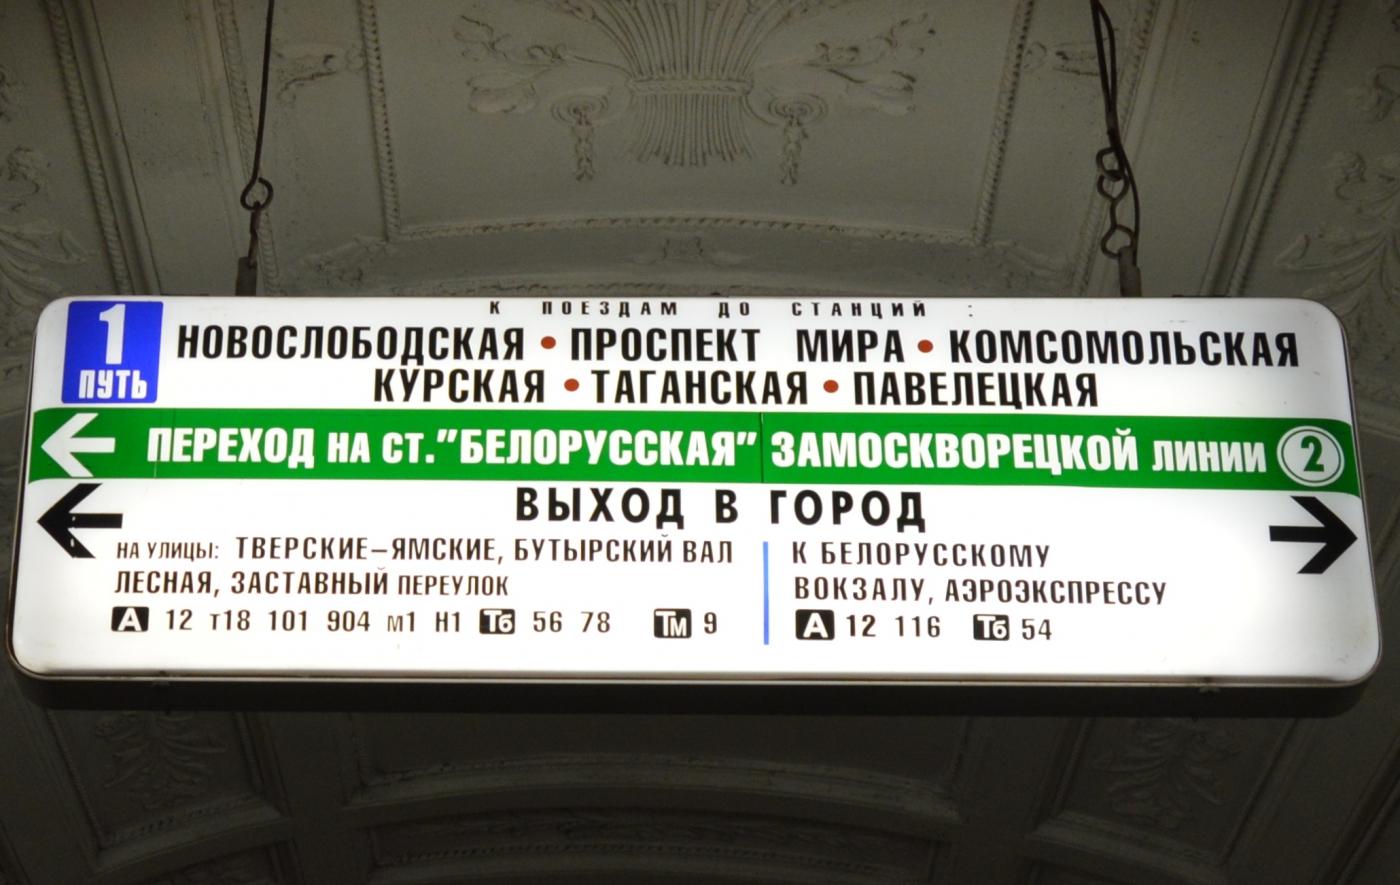 参观莫斯科地铁_图1-7